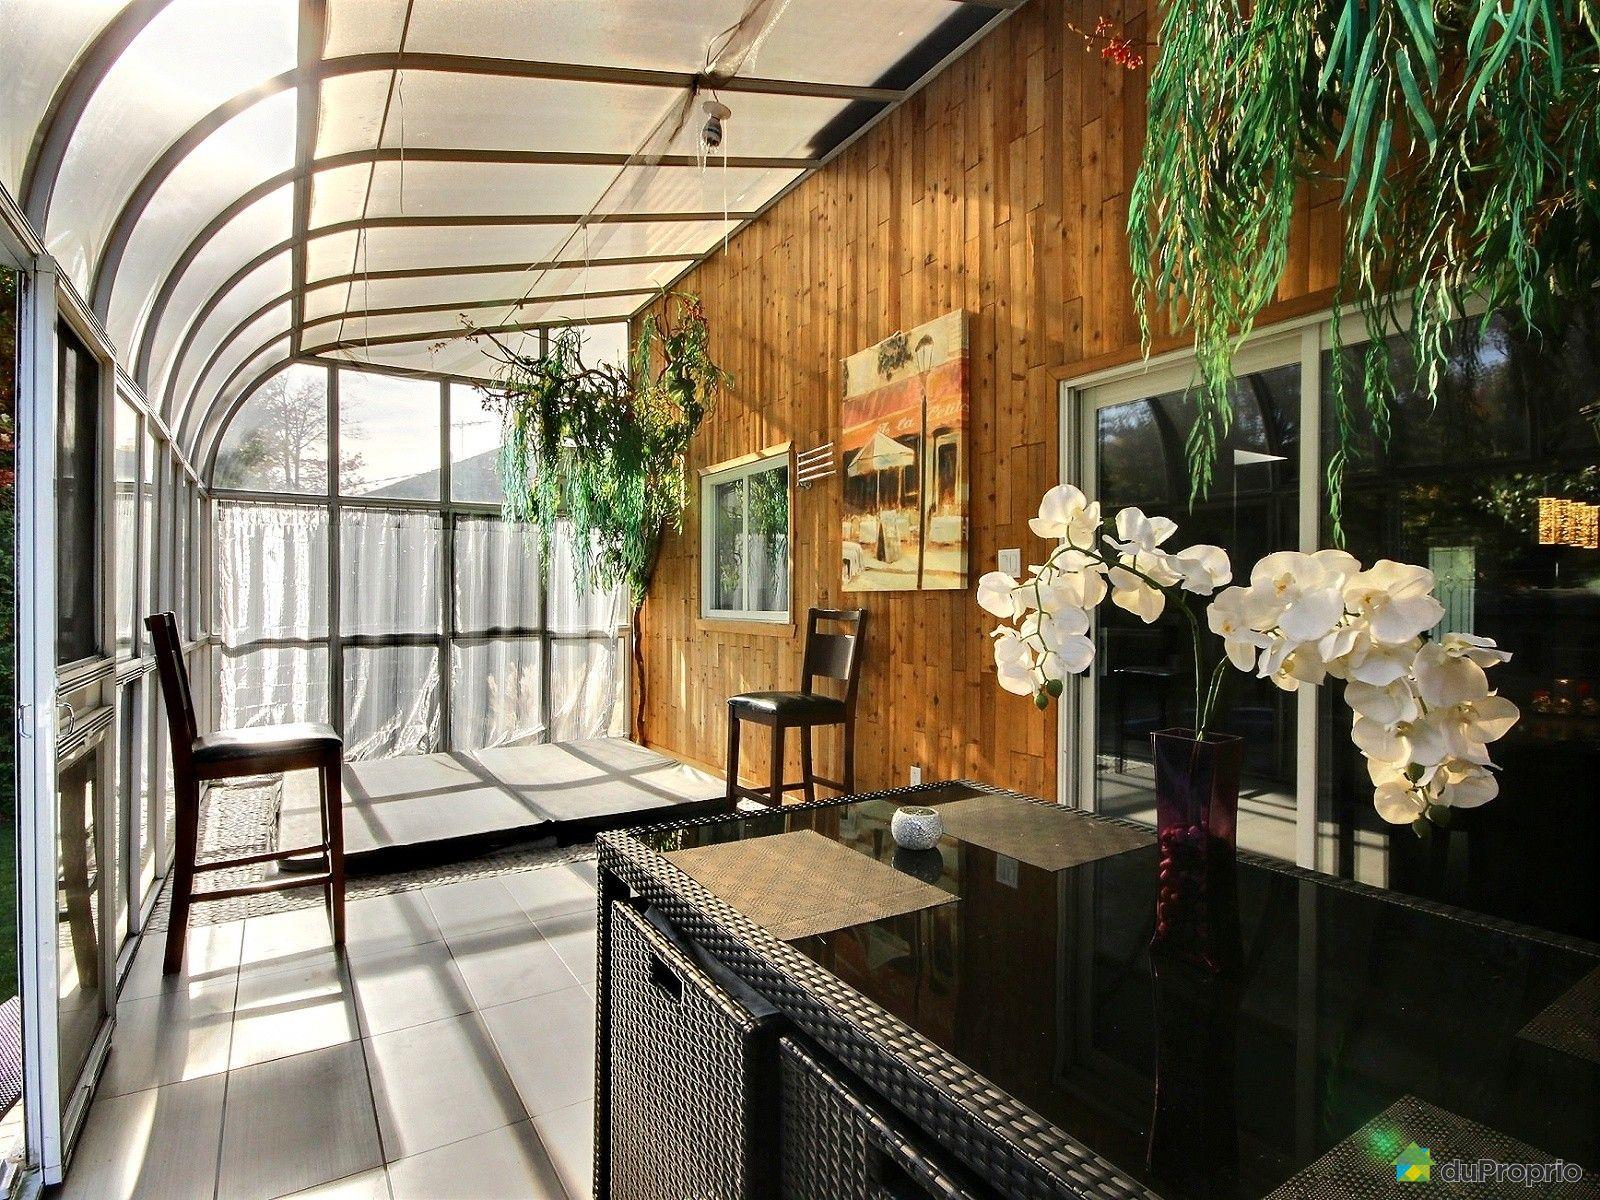 Foyer Design Blainville : Poele a bois blainville catodon obtenez des idées